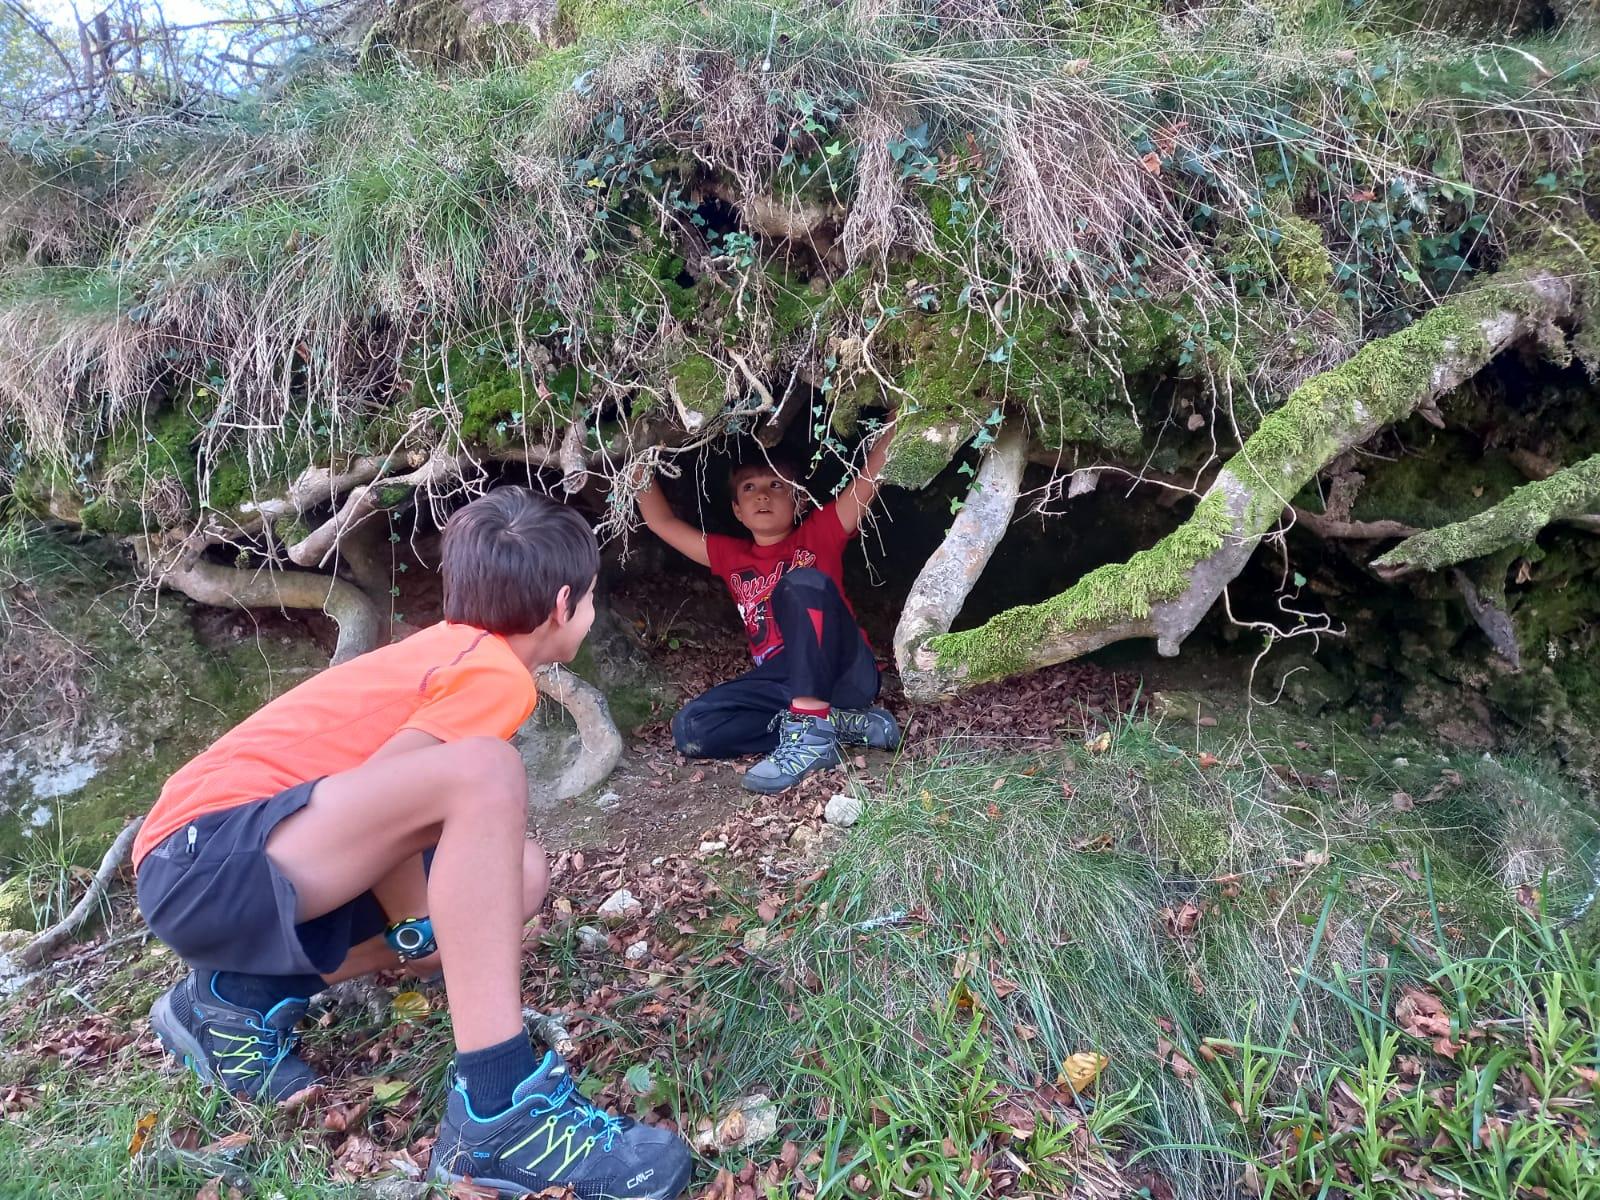 Penasbuena2 - Hojarasca nos lleva a vivir el bosque